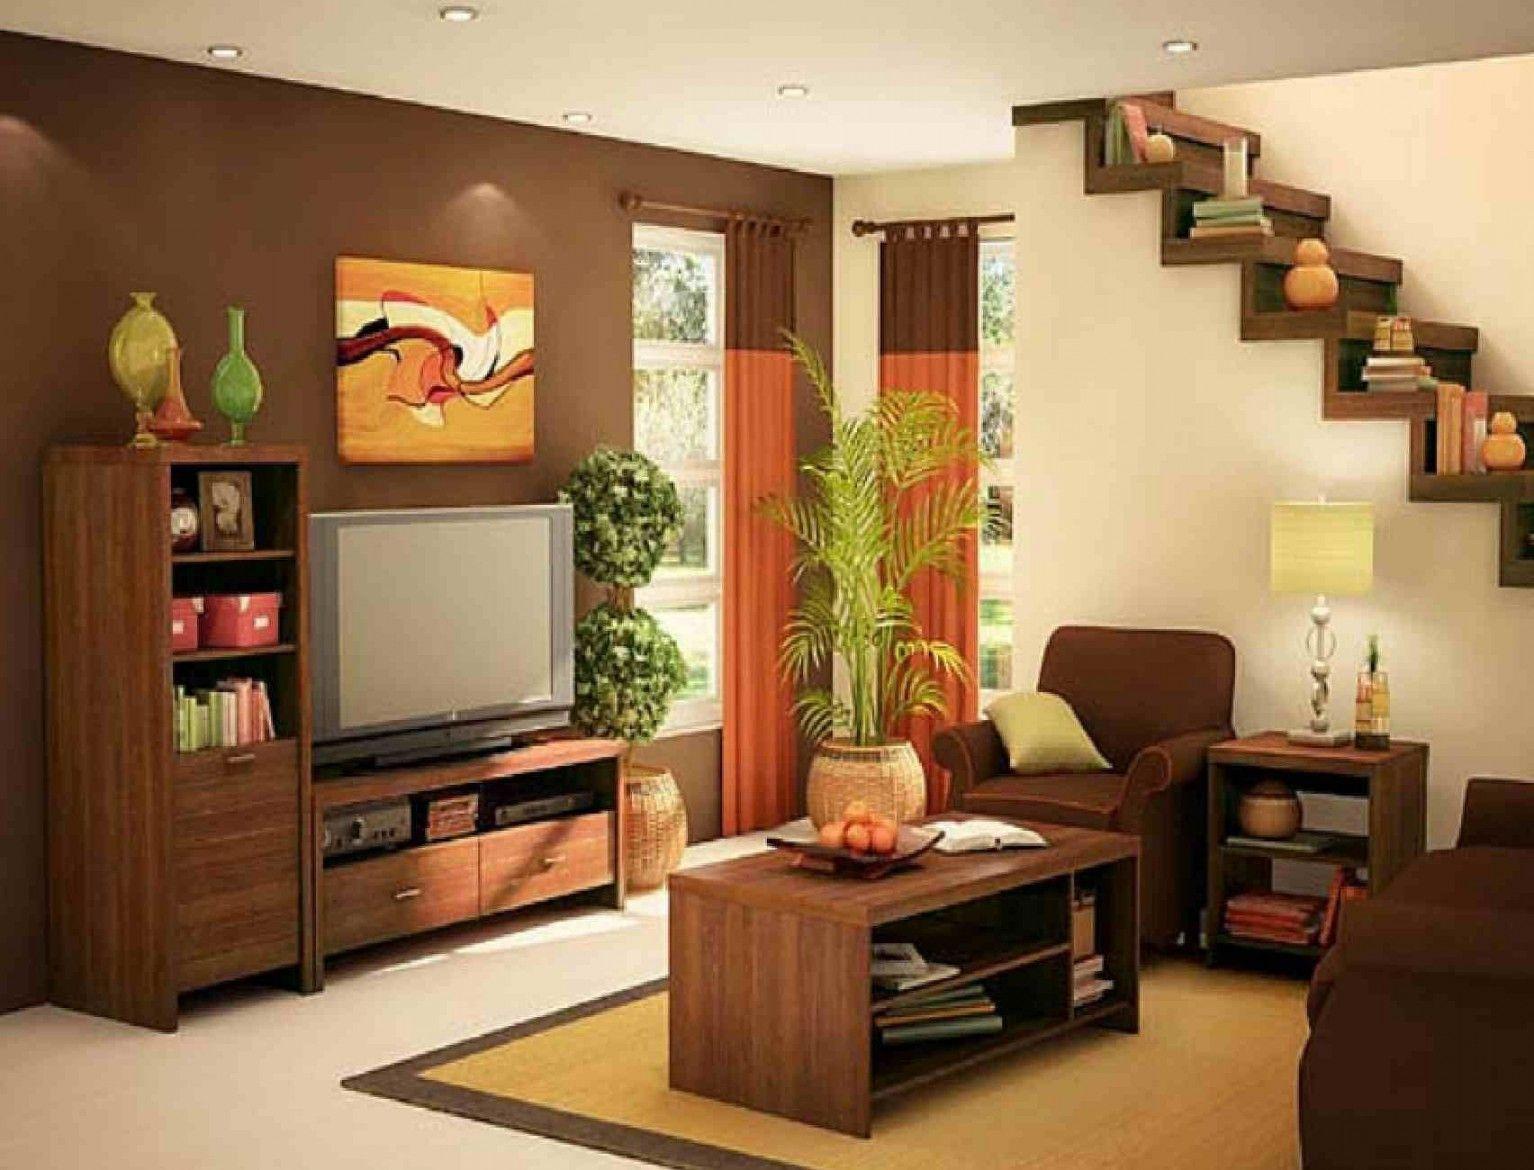 interior design ideas living rooms philippines | Small ...